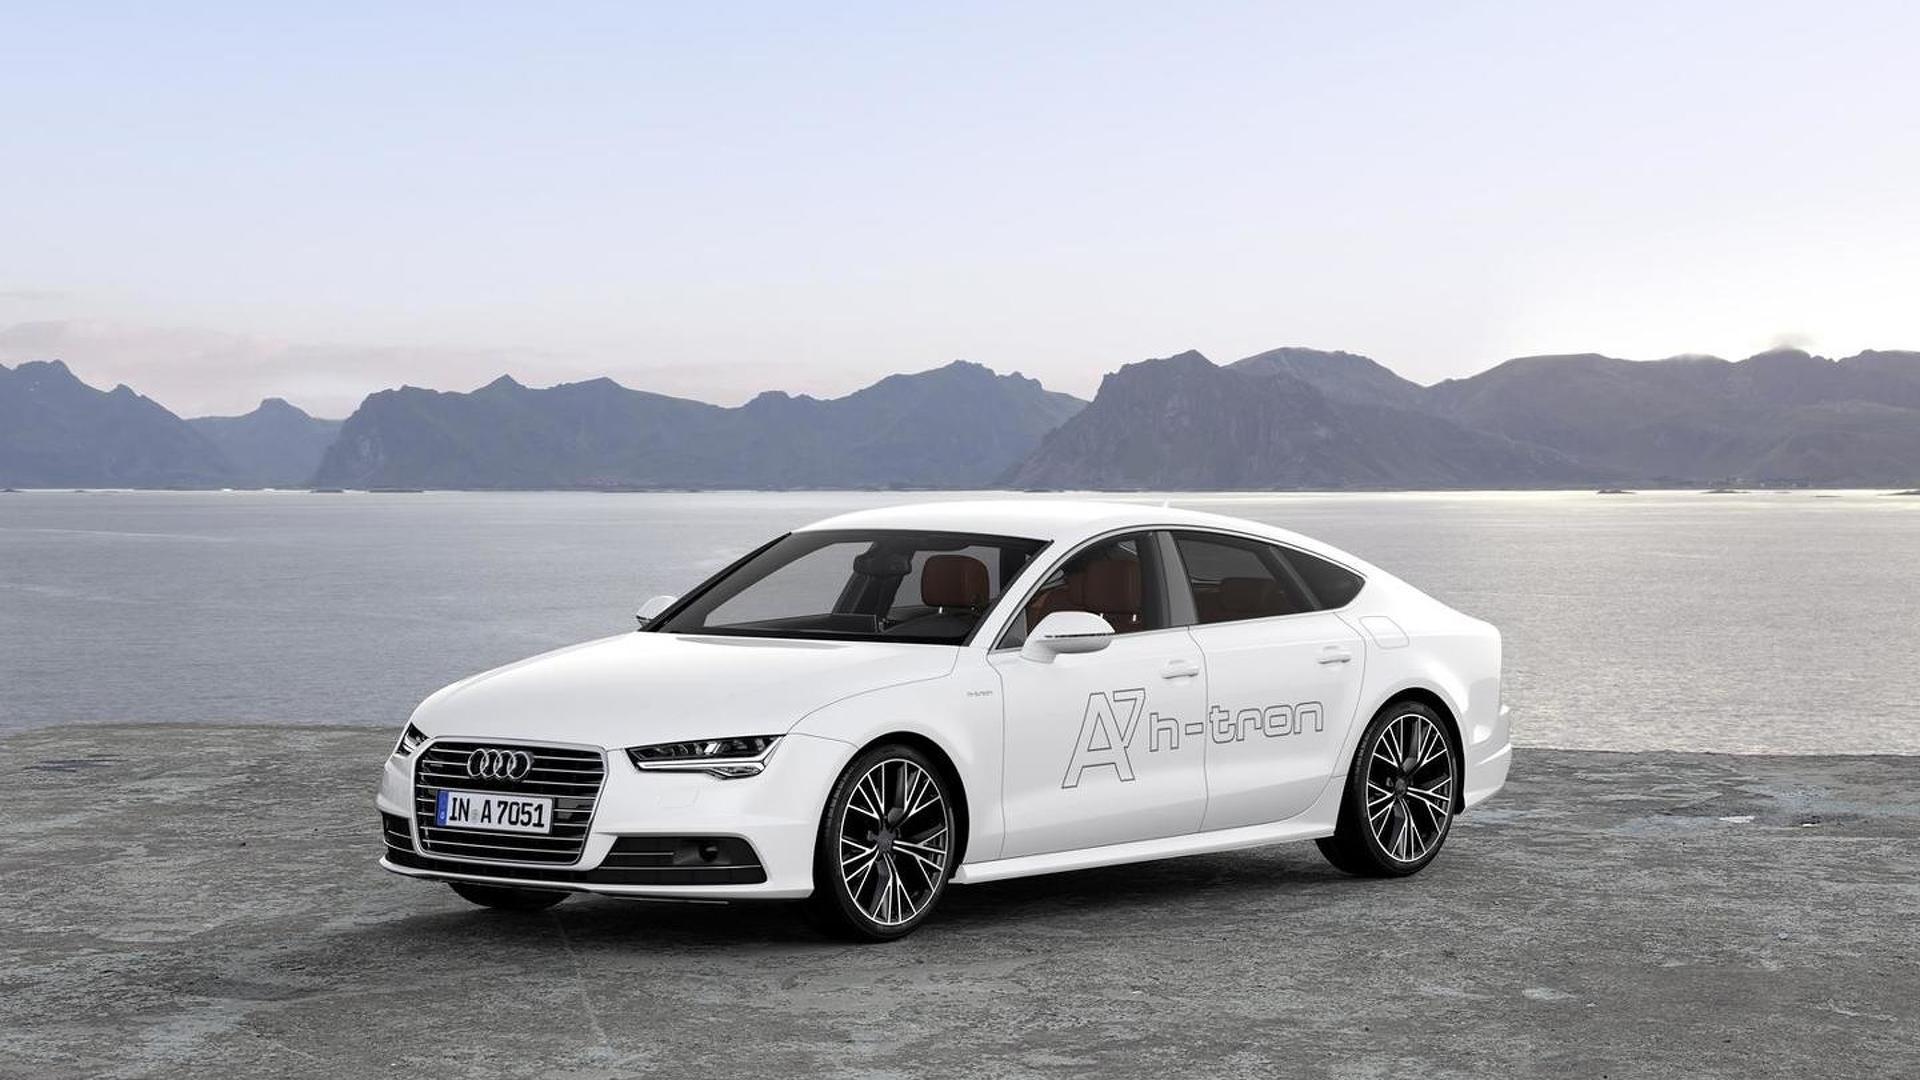 Водородомобиль Audi A7 Sportback h-tron quattro concept 2014